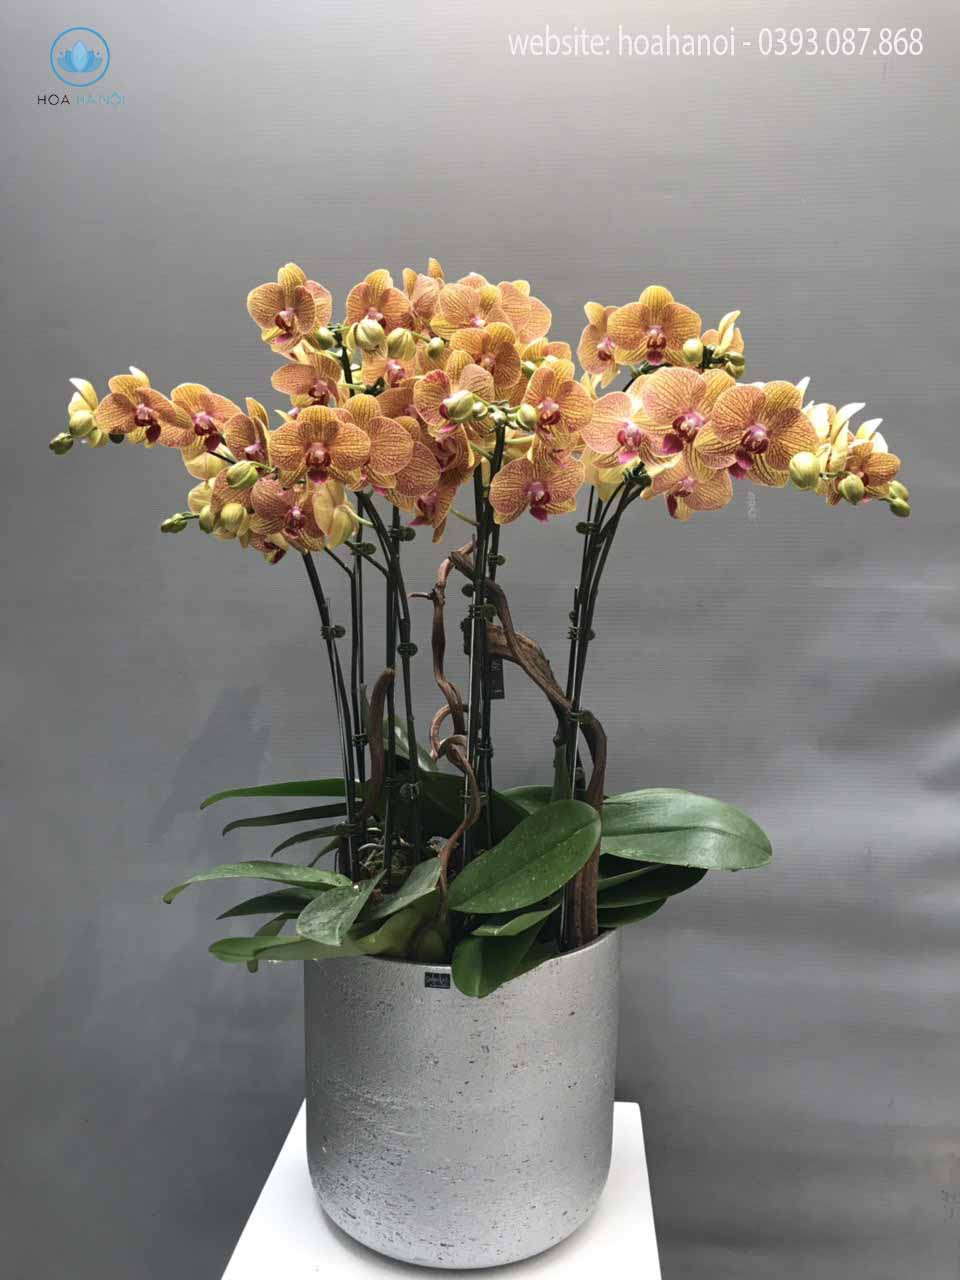 Một số mẫu hoa lan hồ điệp của điện hoaNga's Flower 8